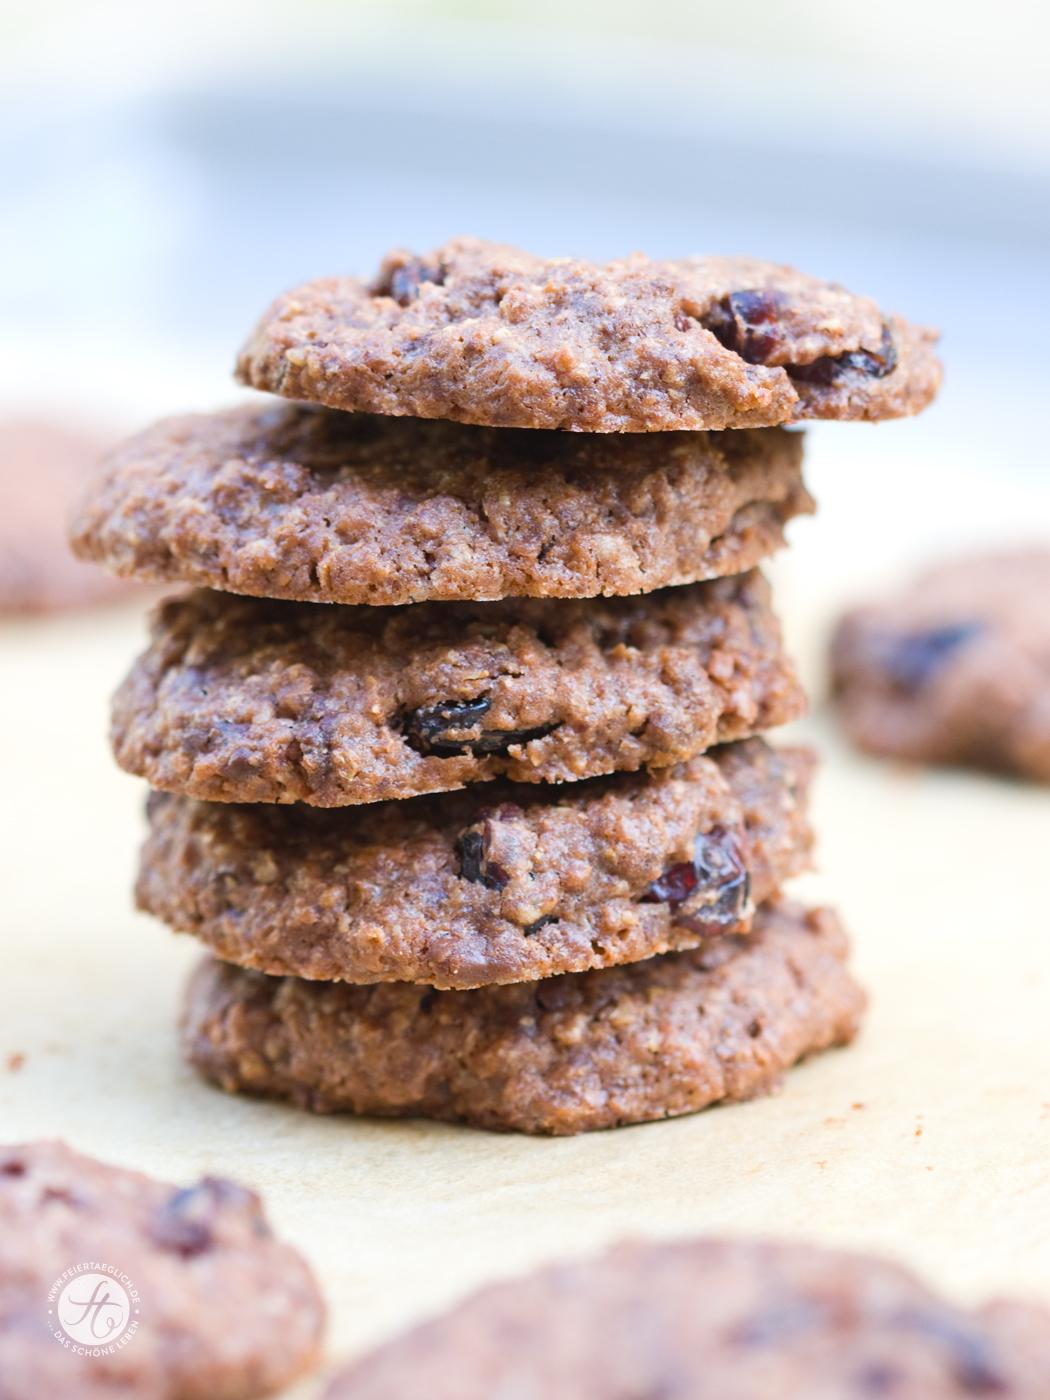 Schokocranberrycookies_h2